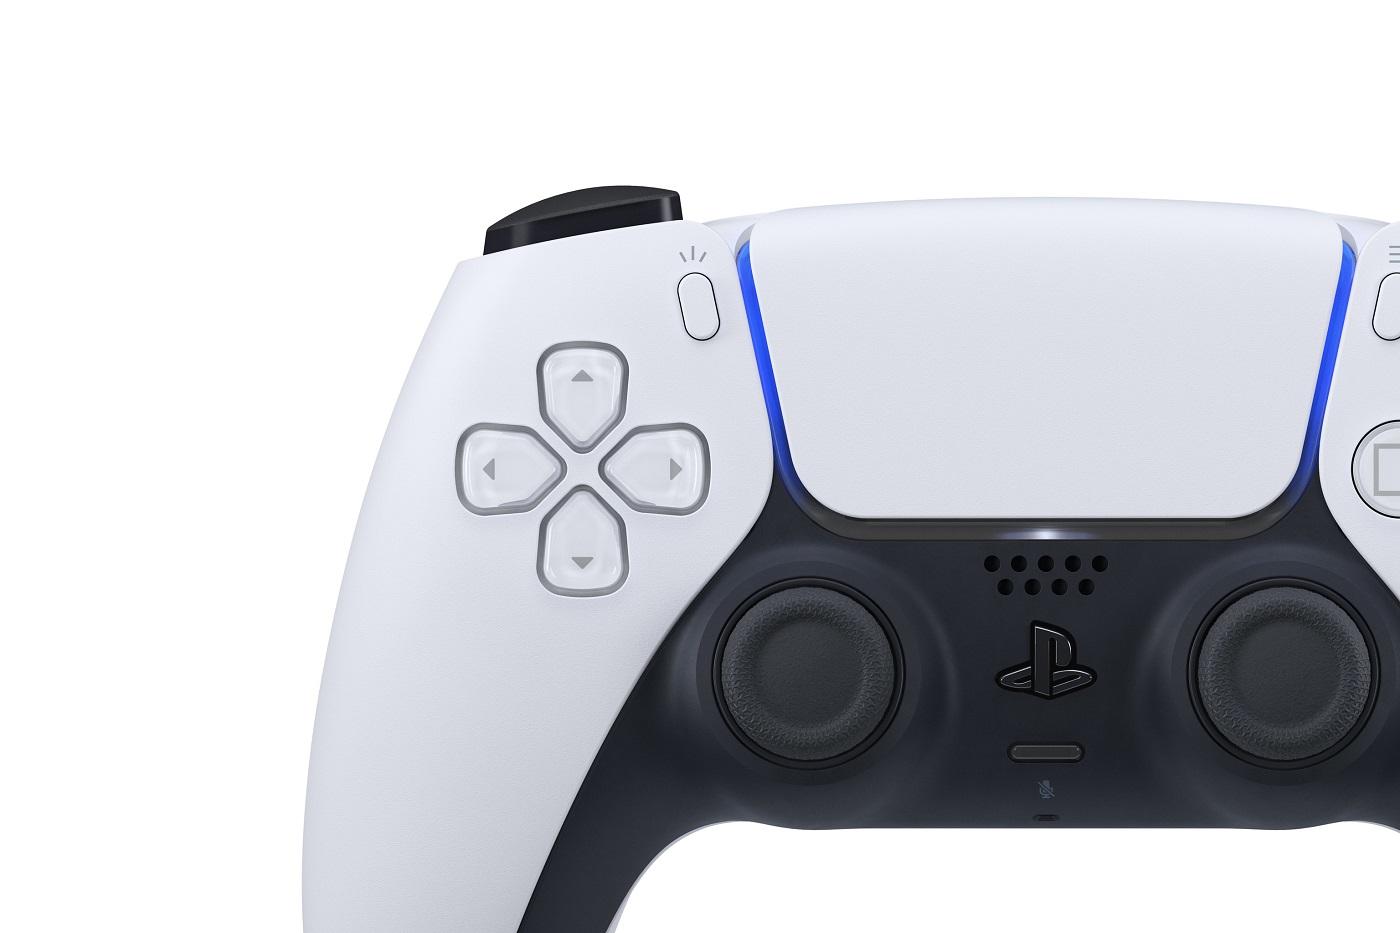 Первый взгляд на DualSense. Это геймпад PS5